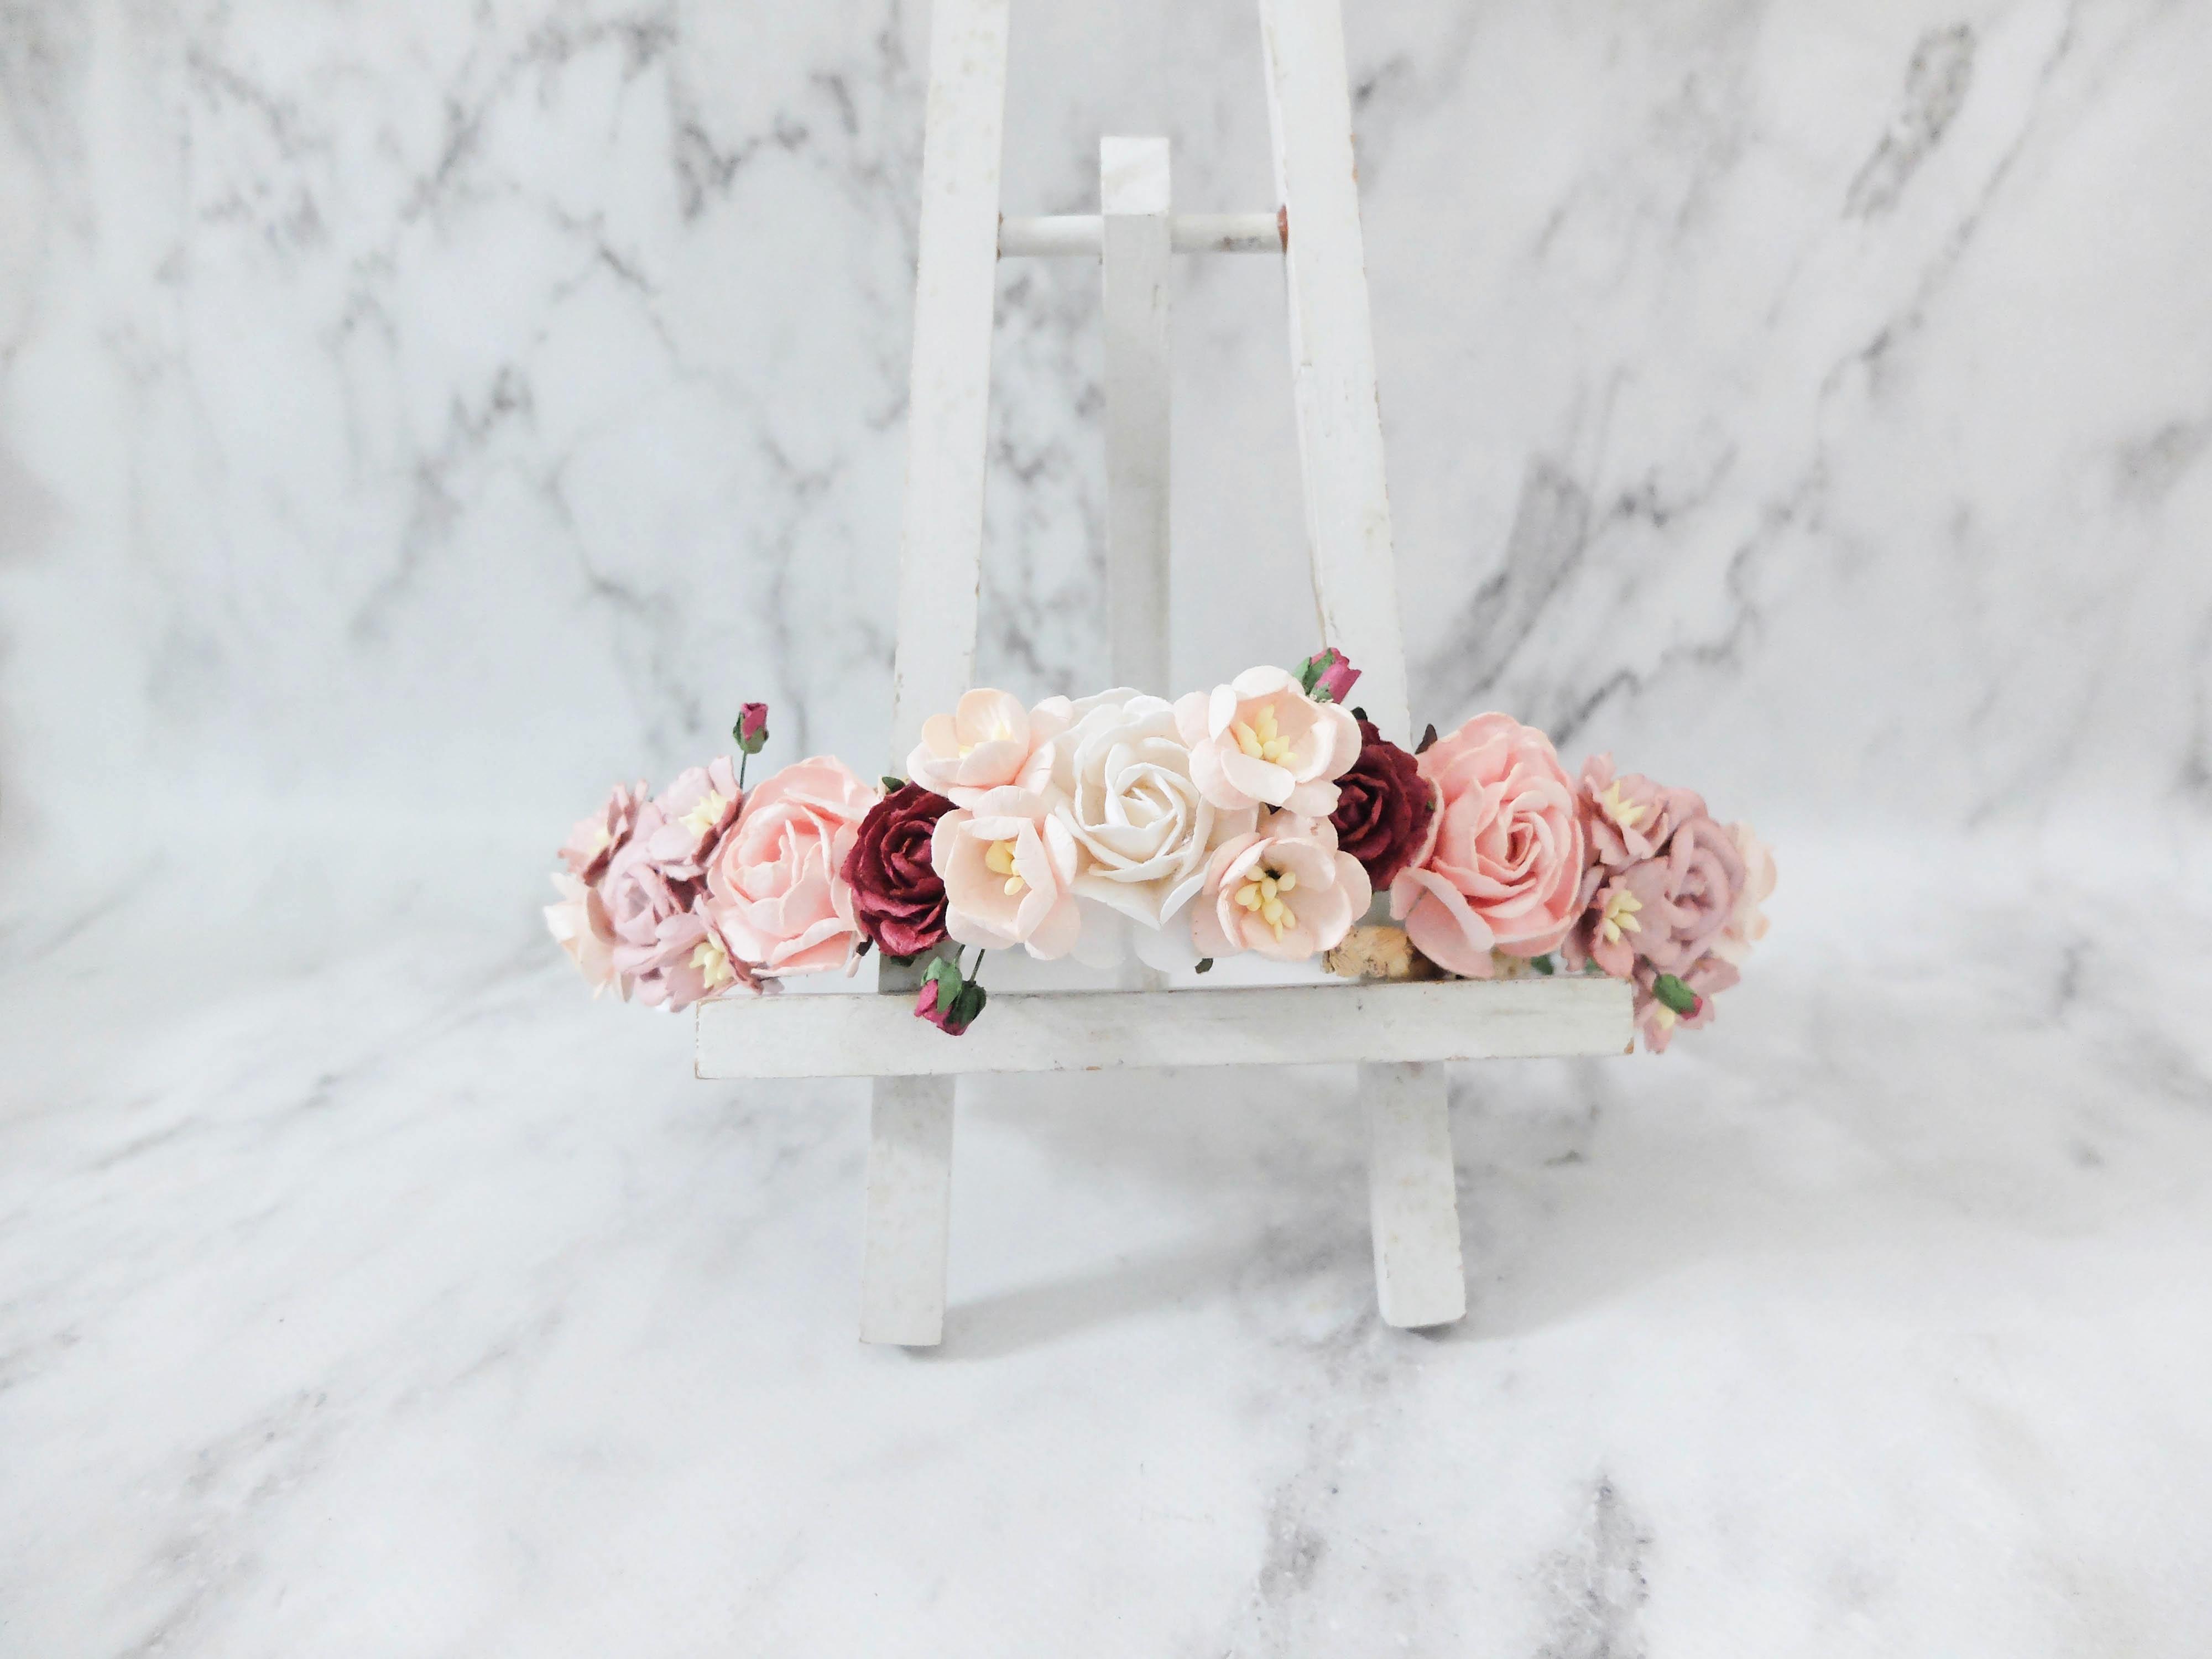 Flower Crown Wedding.Blush Burgundy Mauve White Wedding Flower Crown Bridal Floral Headpiece Flower Girls Bridesmaids